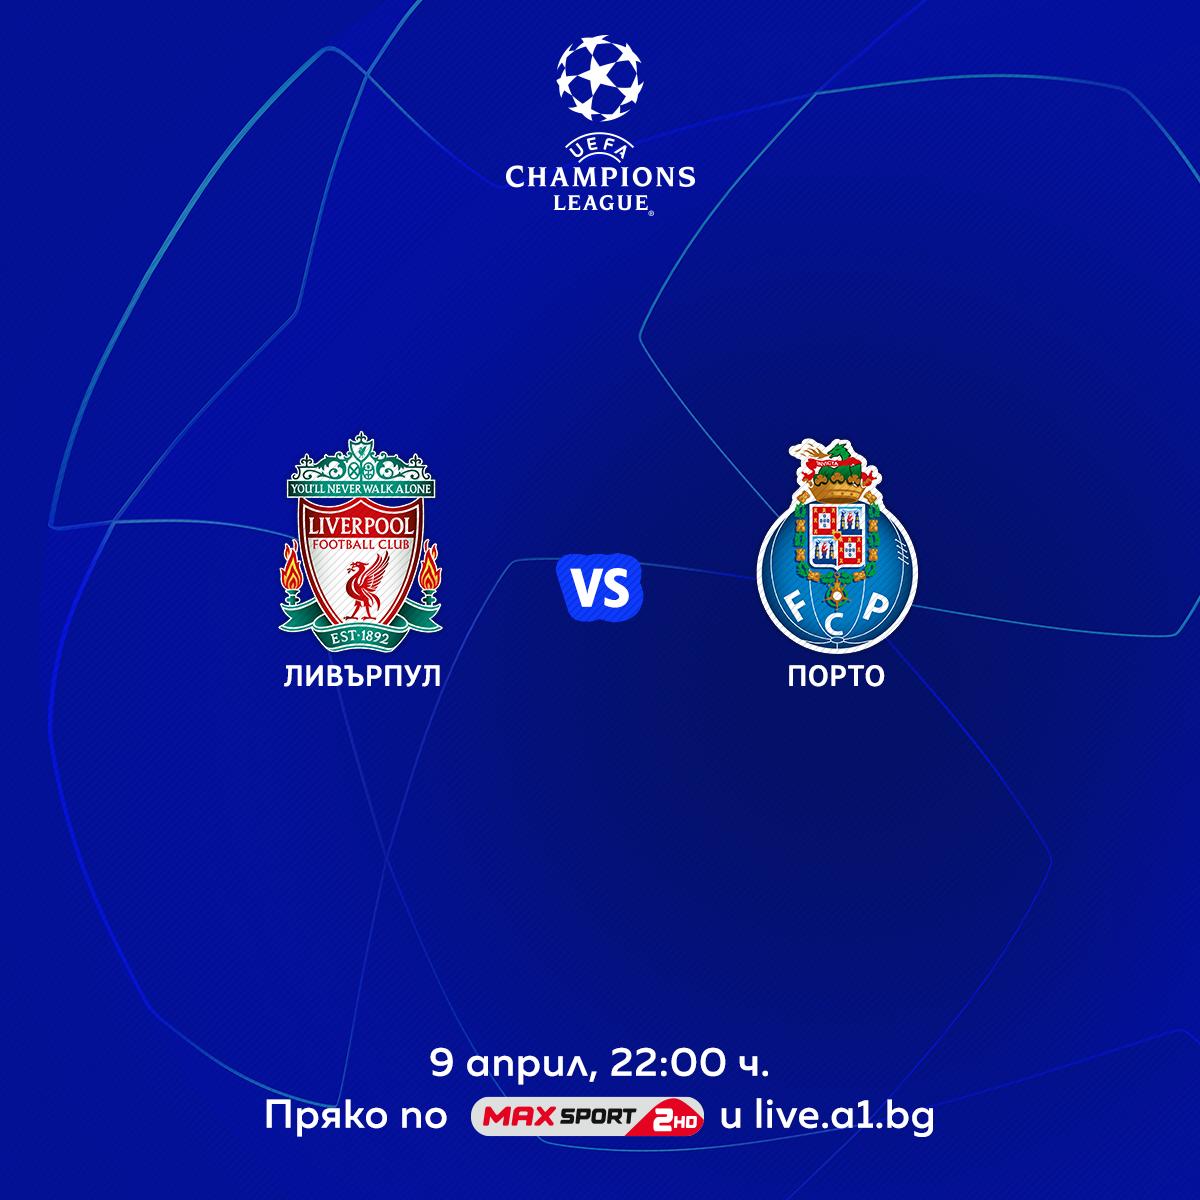 6c4f63fbeda Първите два двубоя от ¼-финалната фаза на Шампионската лига ще се излъчат  тази вечер пряко по спортните канали на А1. Началният час на сблъсъците  Ливърпул ...